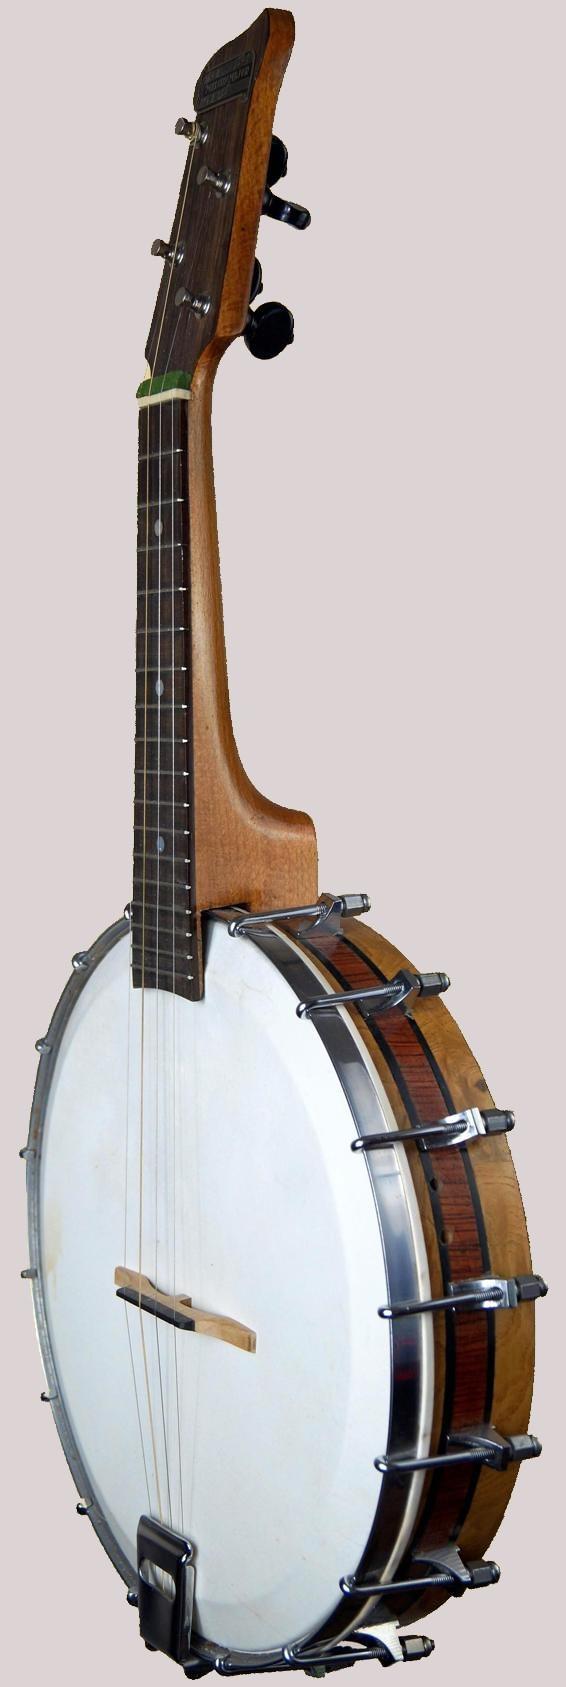 gh and s melody banjo at Ukulele Corner